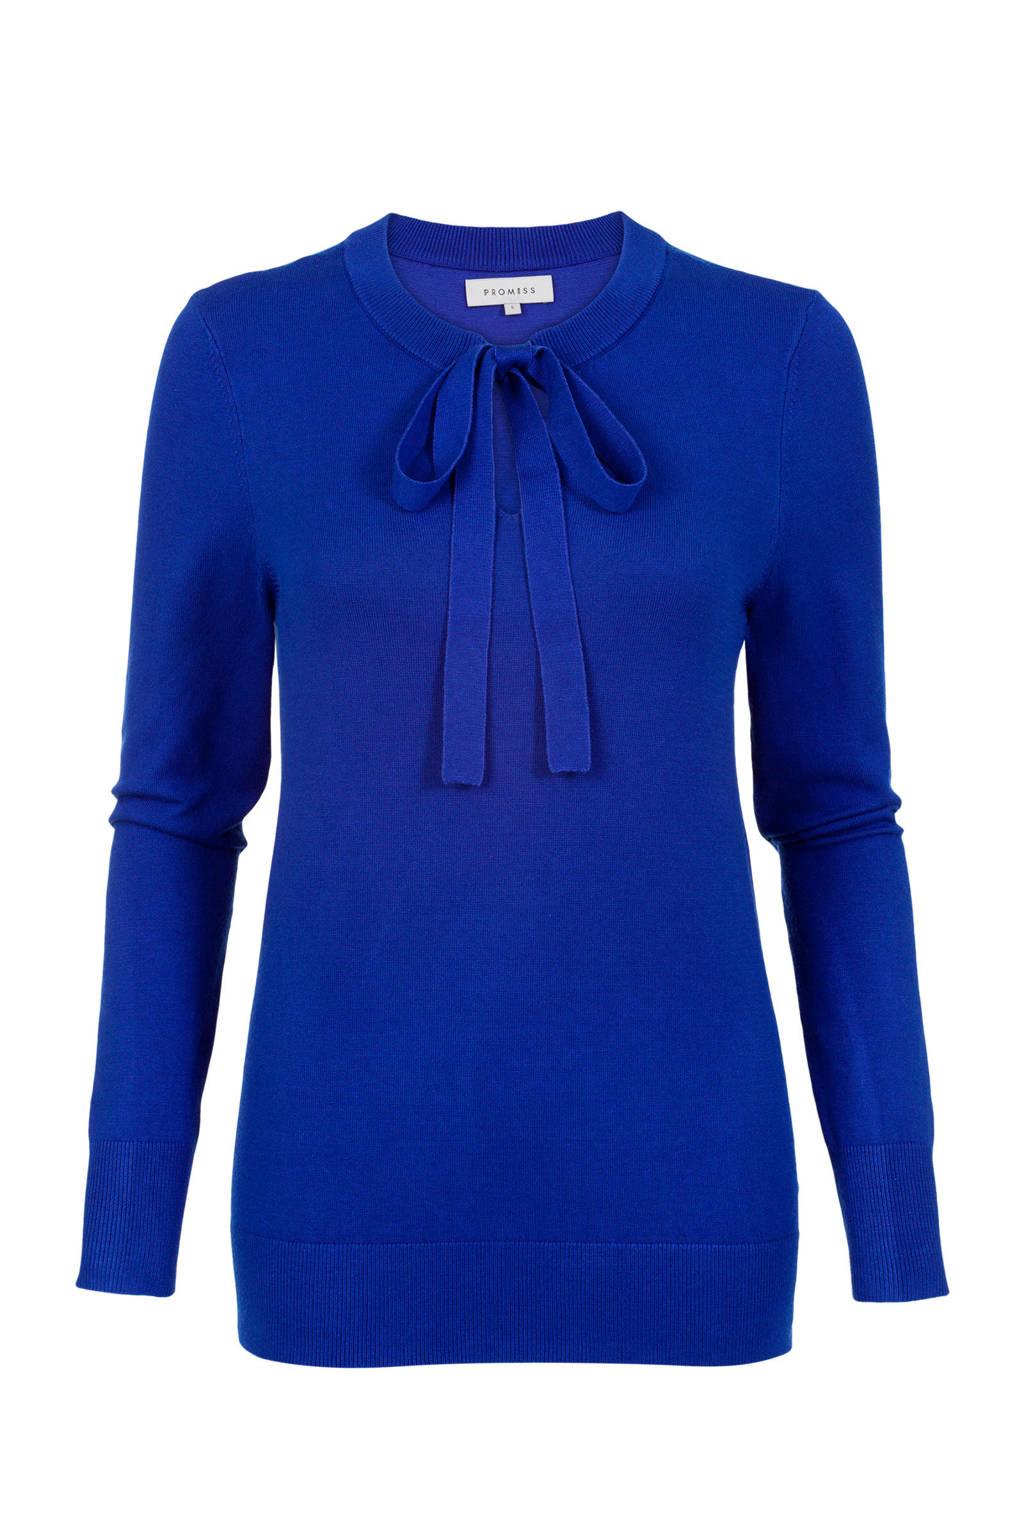 PROMISS fijngebreide trui blauw, Blauw